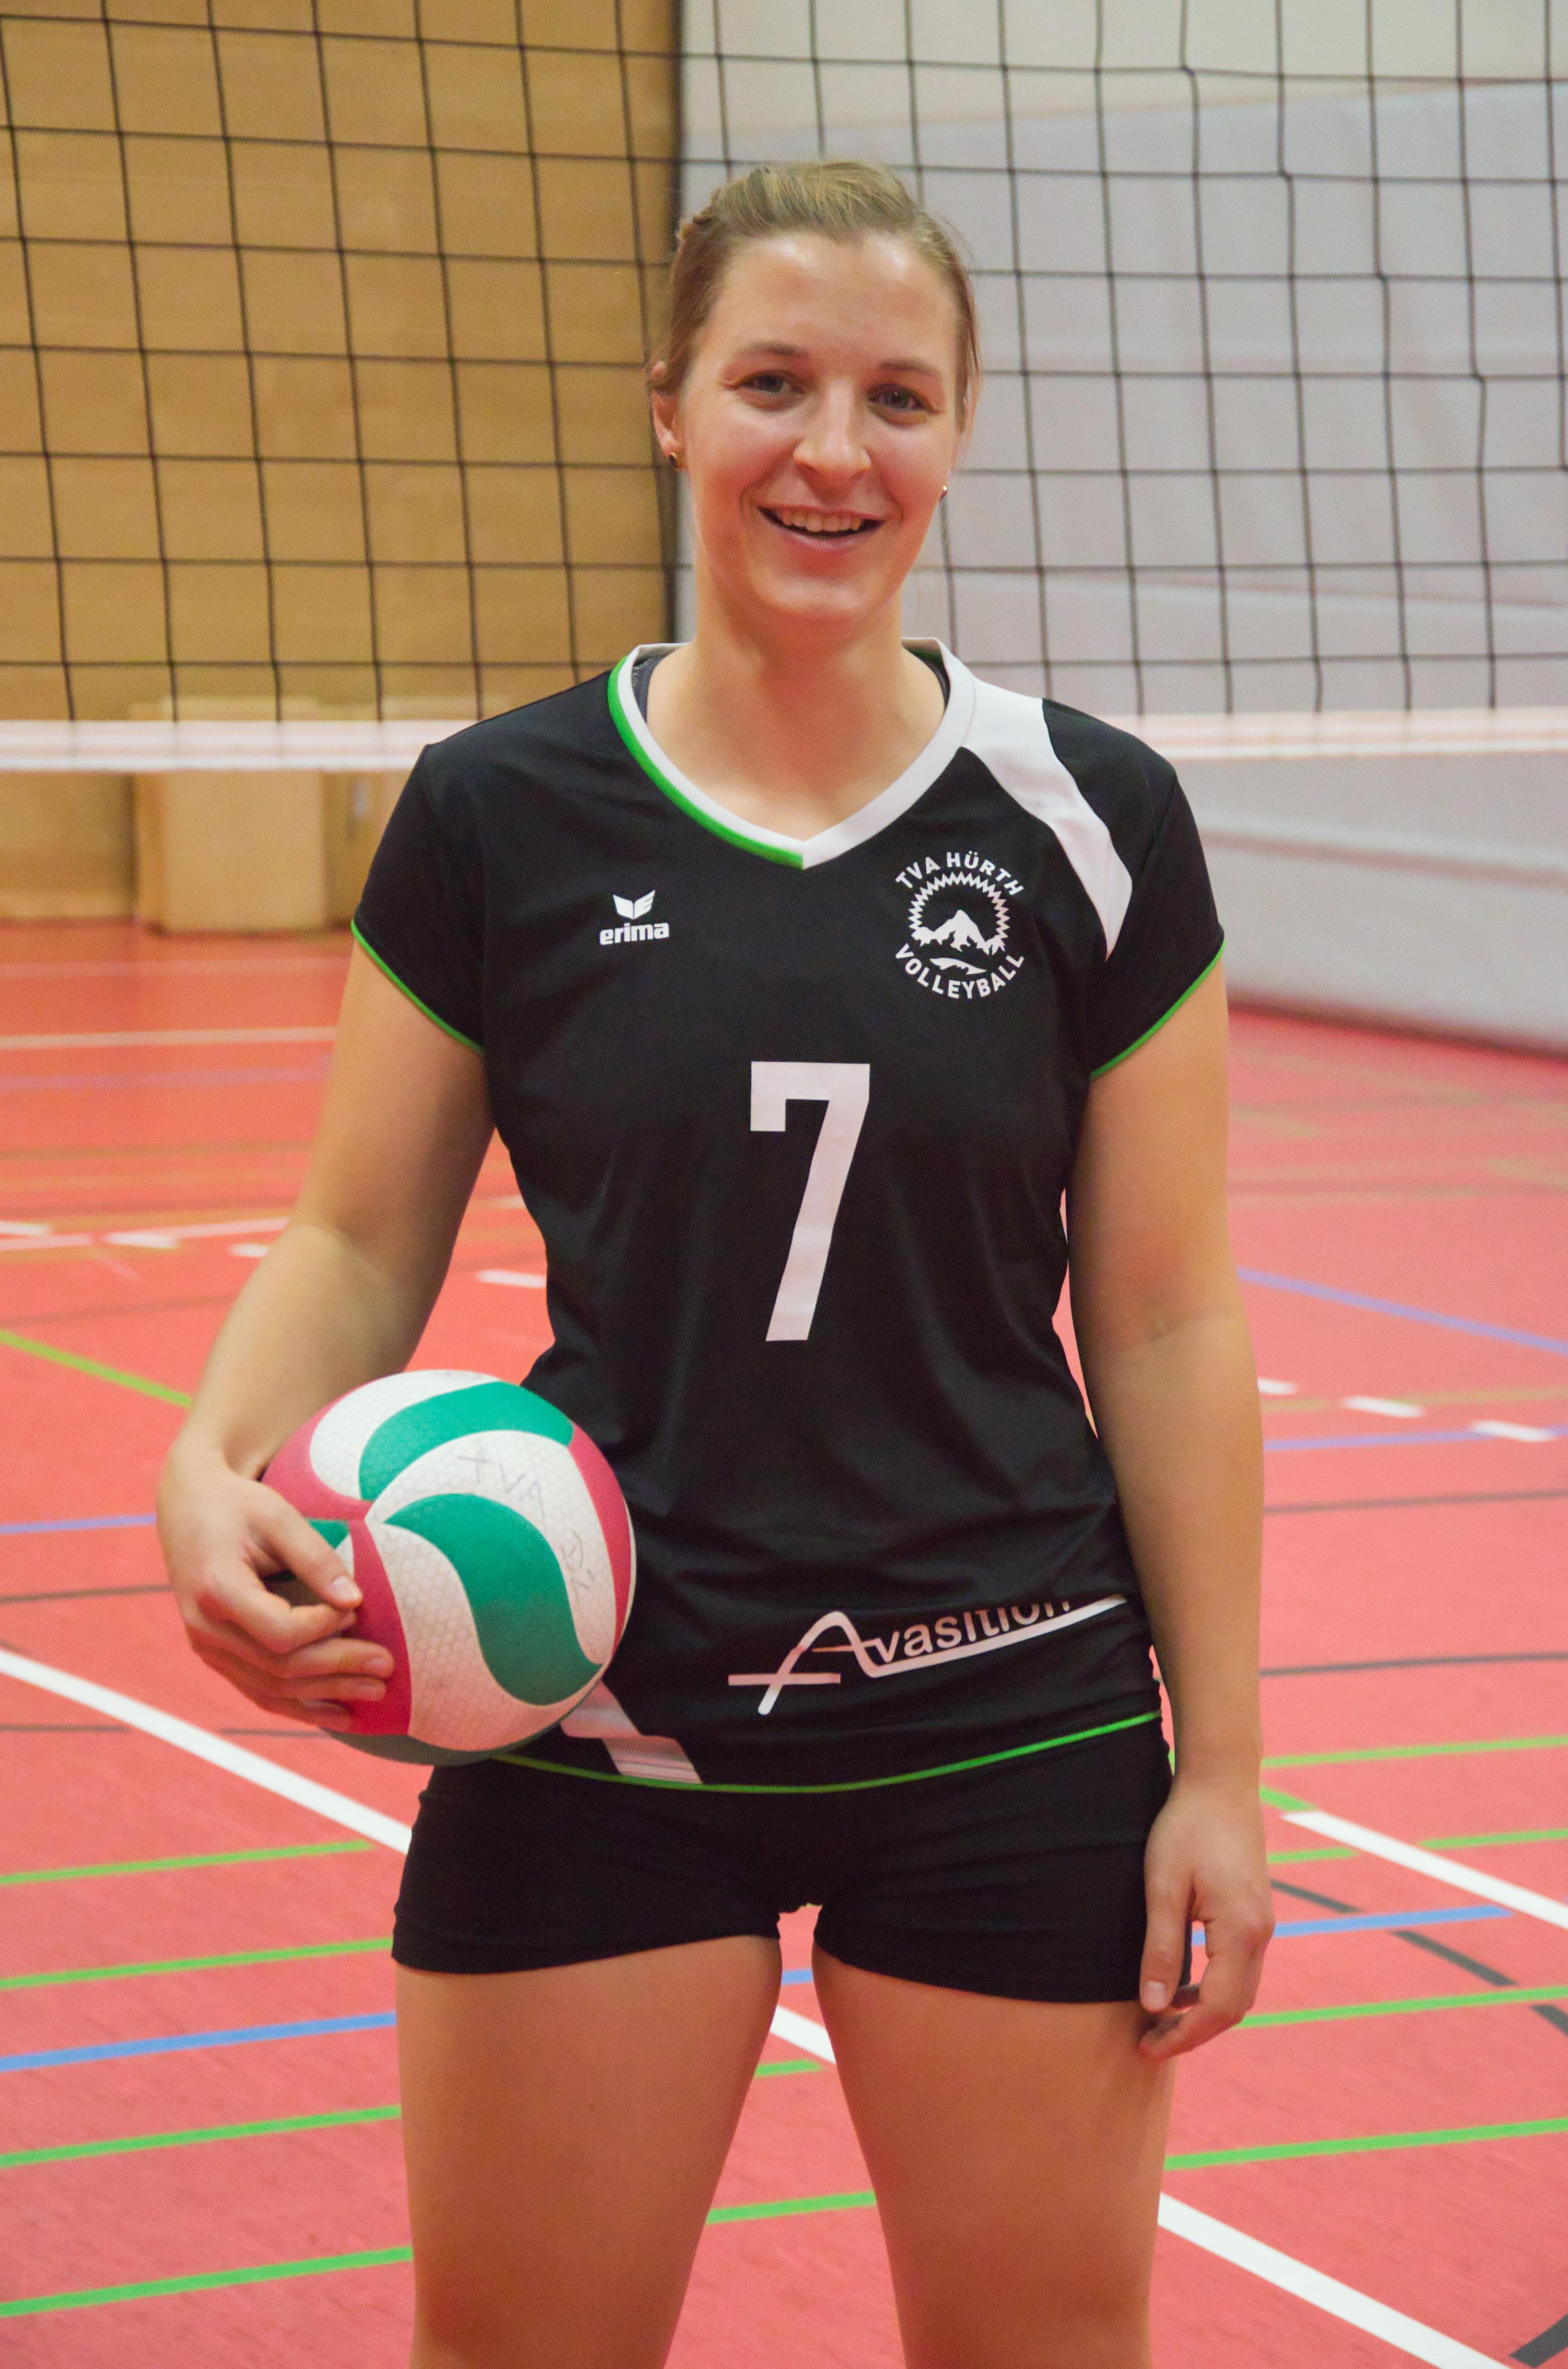 Lisa Pankert